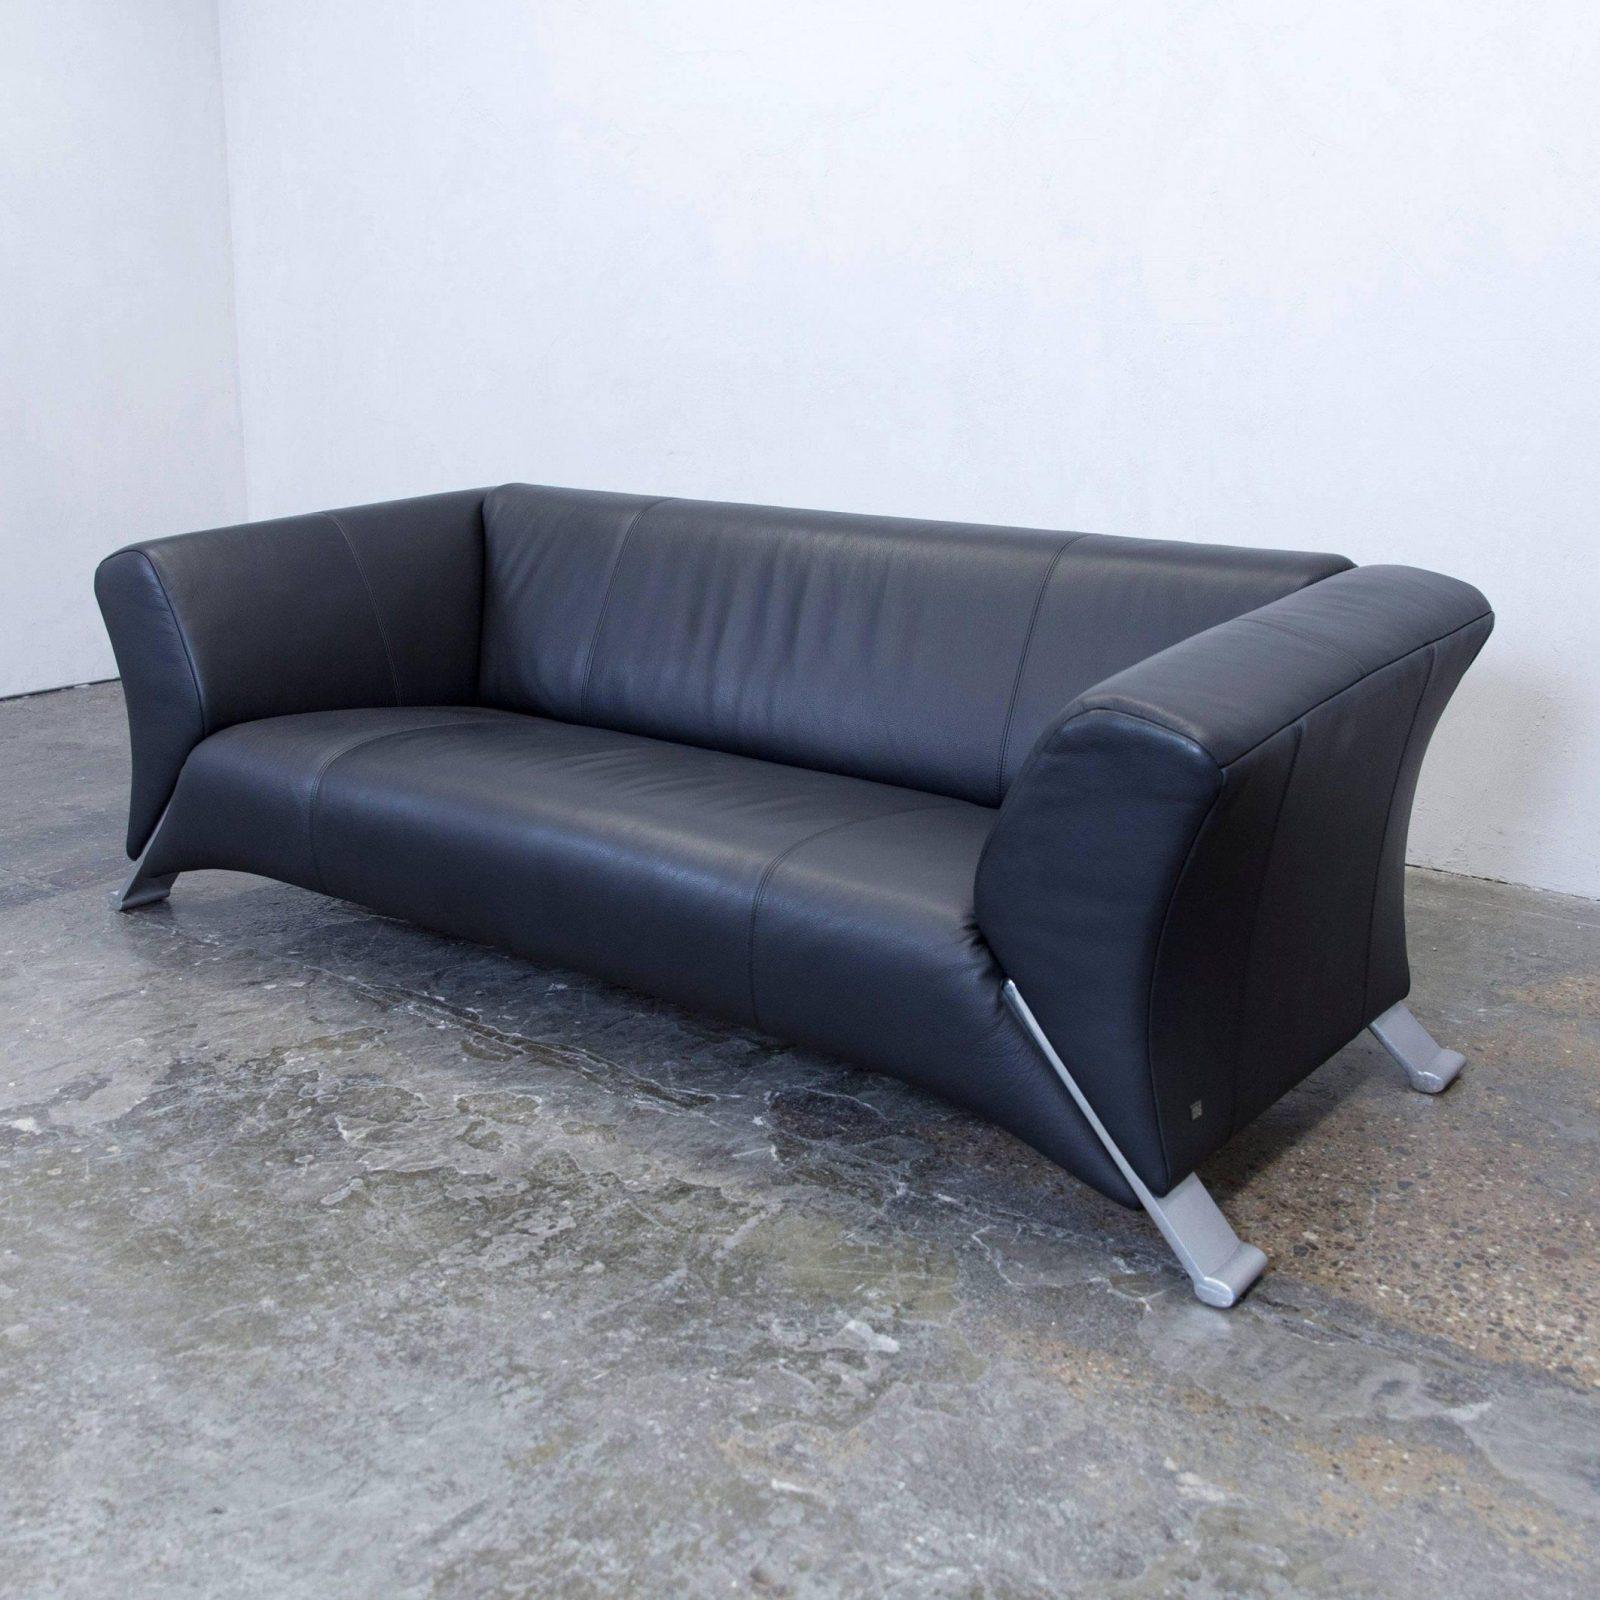 Rolf Benz 322 Designer Leather Sofa Black Threeseat Couch Modern At von Rolf Benz Sessel 322 Bild